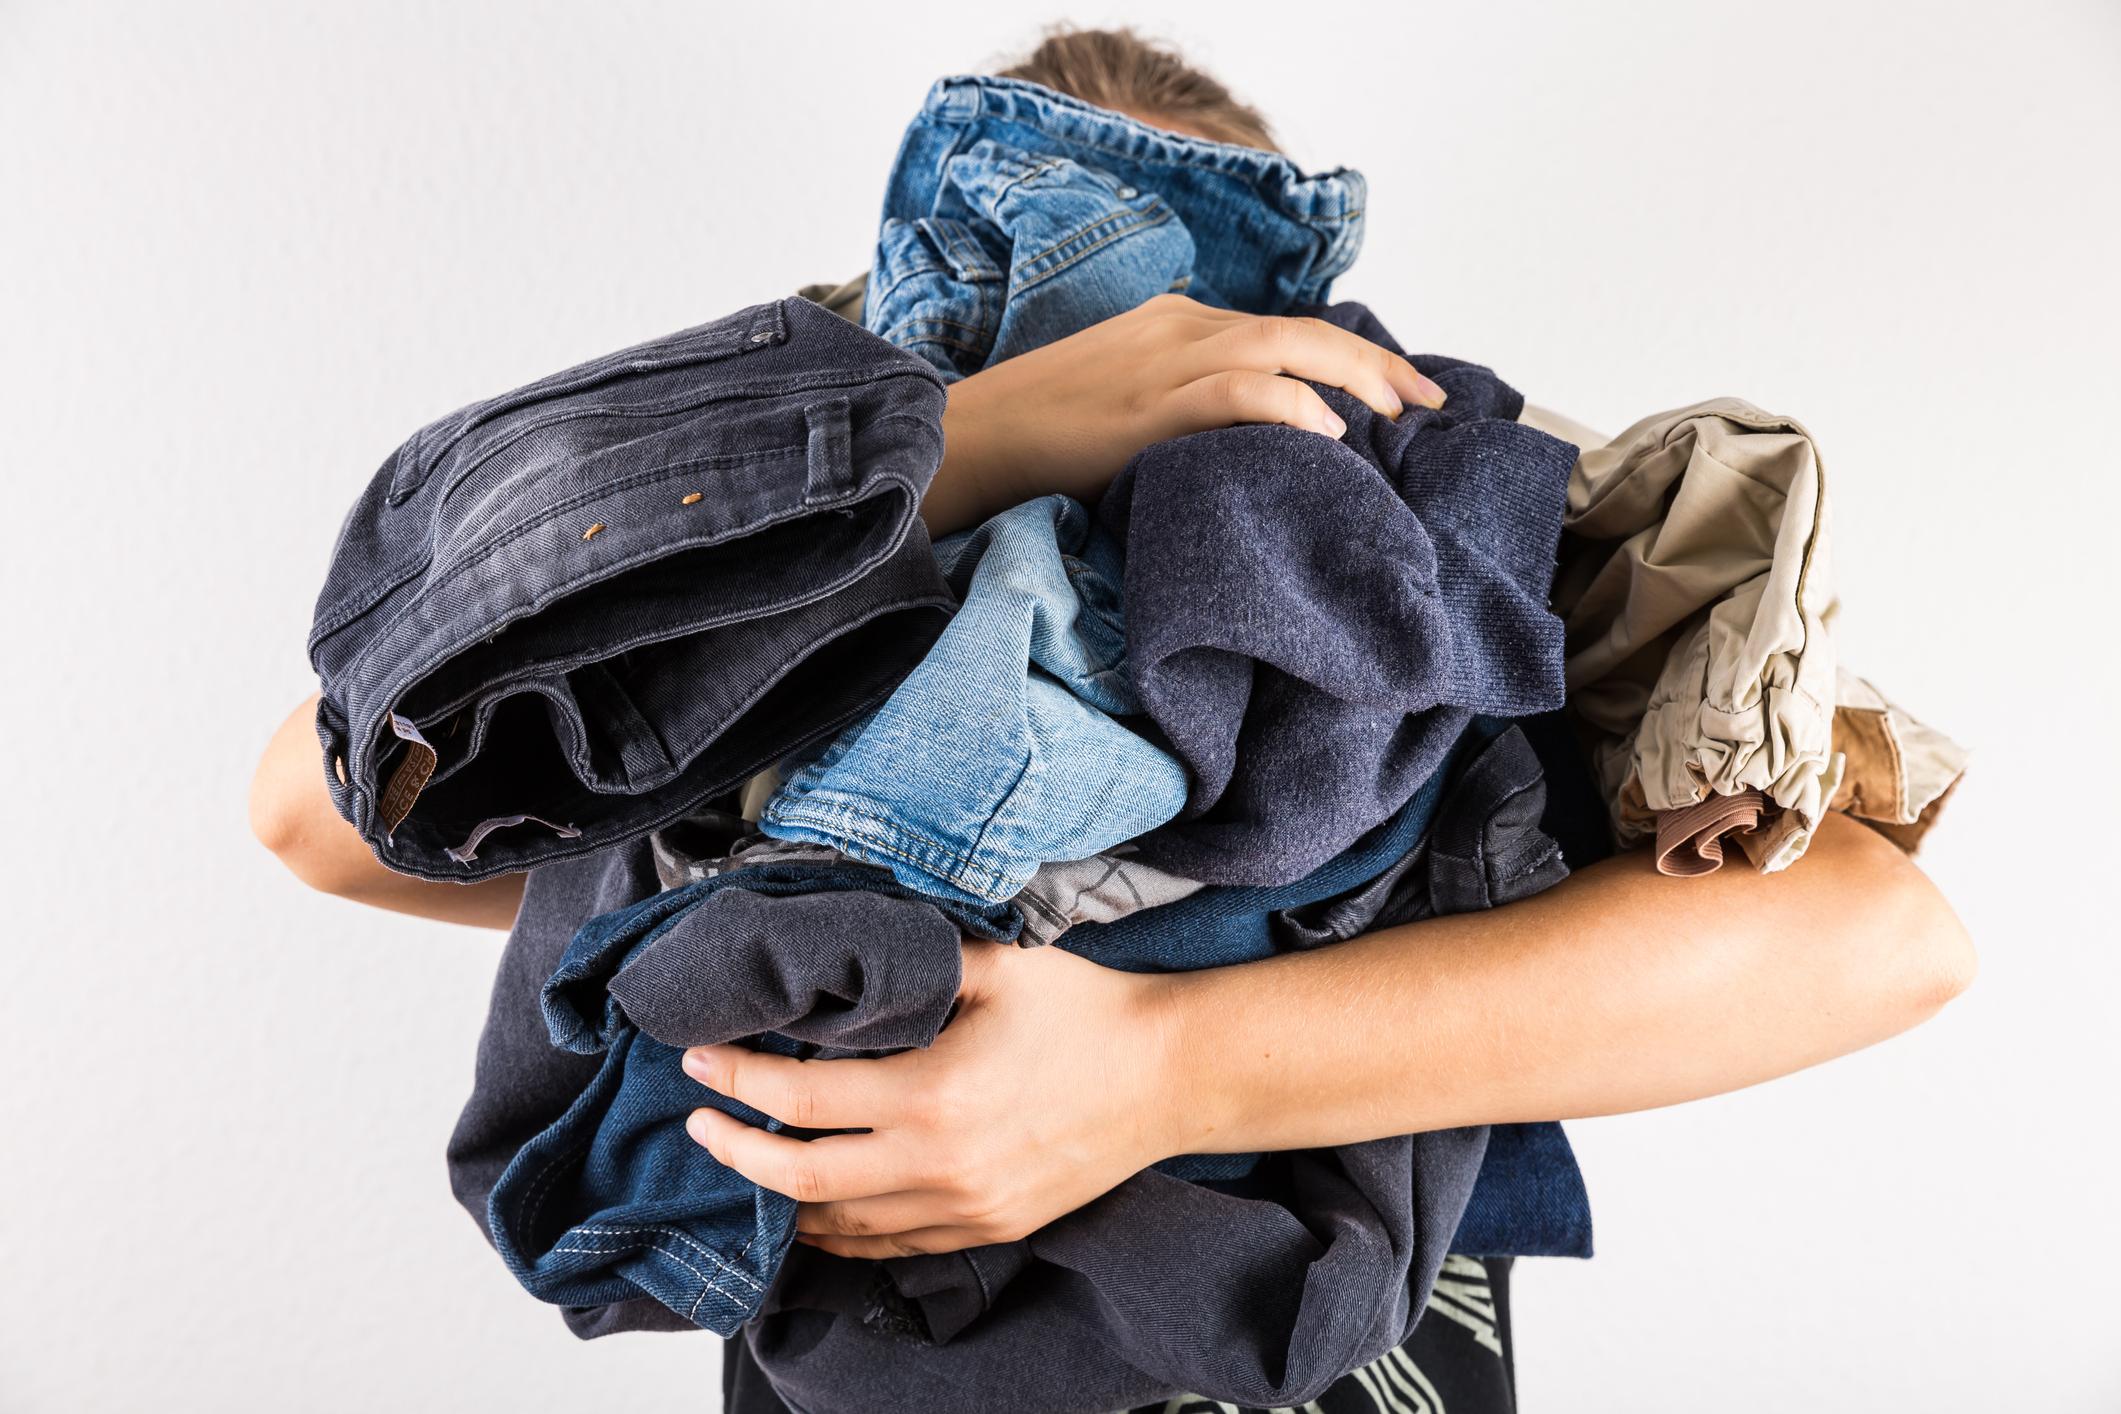 Дънките и пералнята<br /> Много хора перат дънките си по-рядко от останалите дрехи, за да не изсветляват бързо. Въпреки това те трябва да се перат. Когато перете дънки, обърнете ги наобратно, използвайте студена вода и задължително ги закачайте да се сушат.